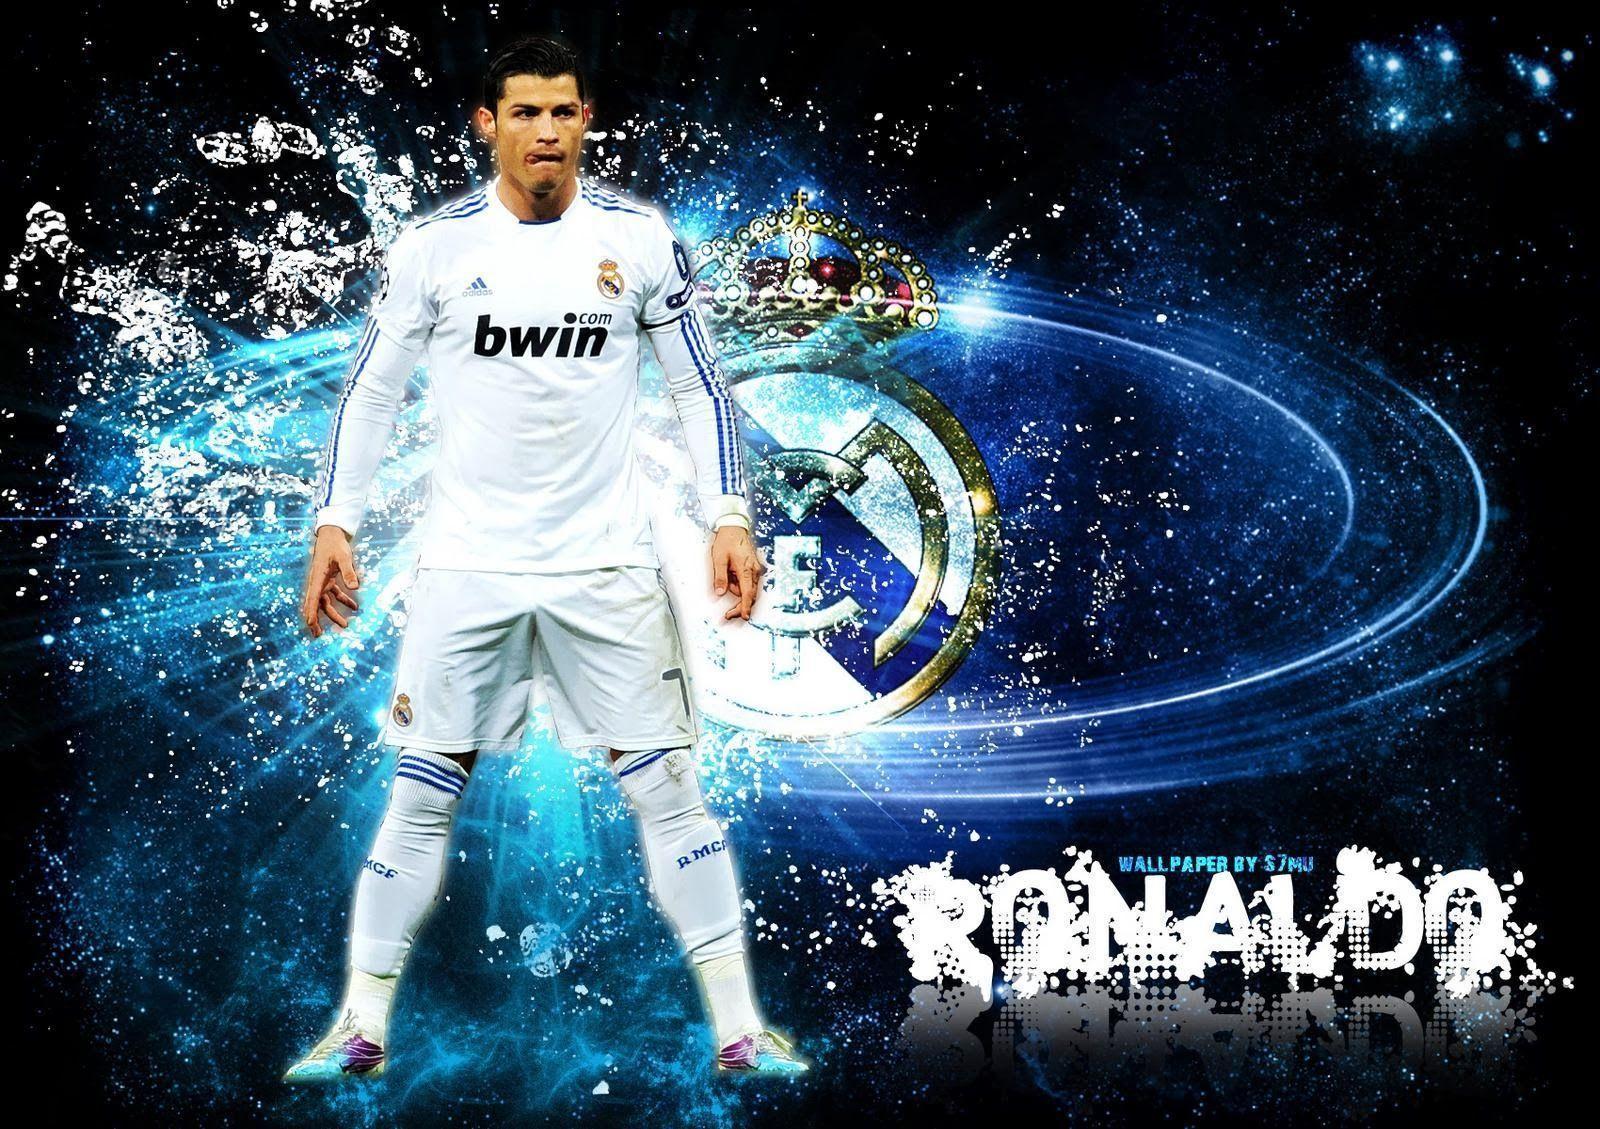 C Ronaldo Wallpapers HD 2015 1600x1129